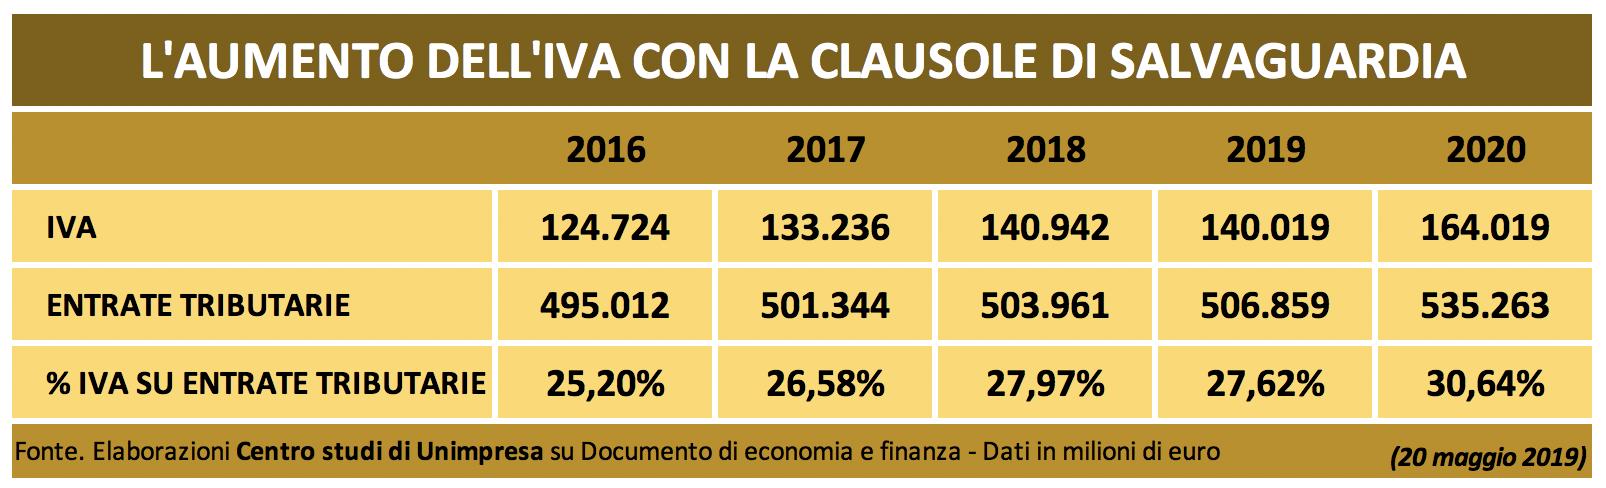 Tabella aumento IVA 1